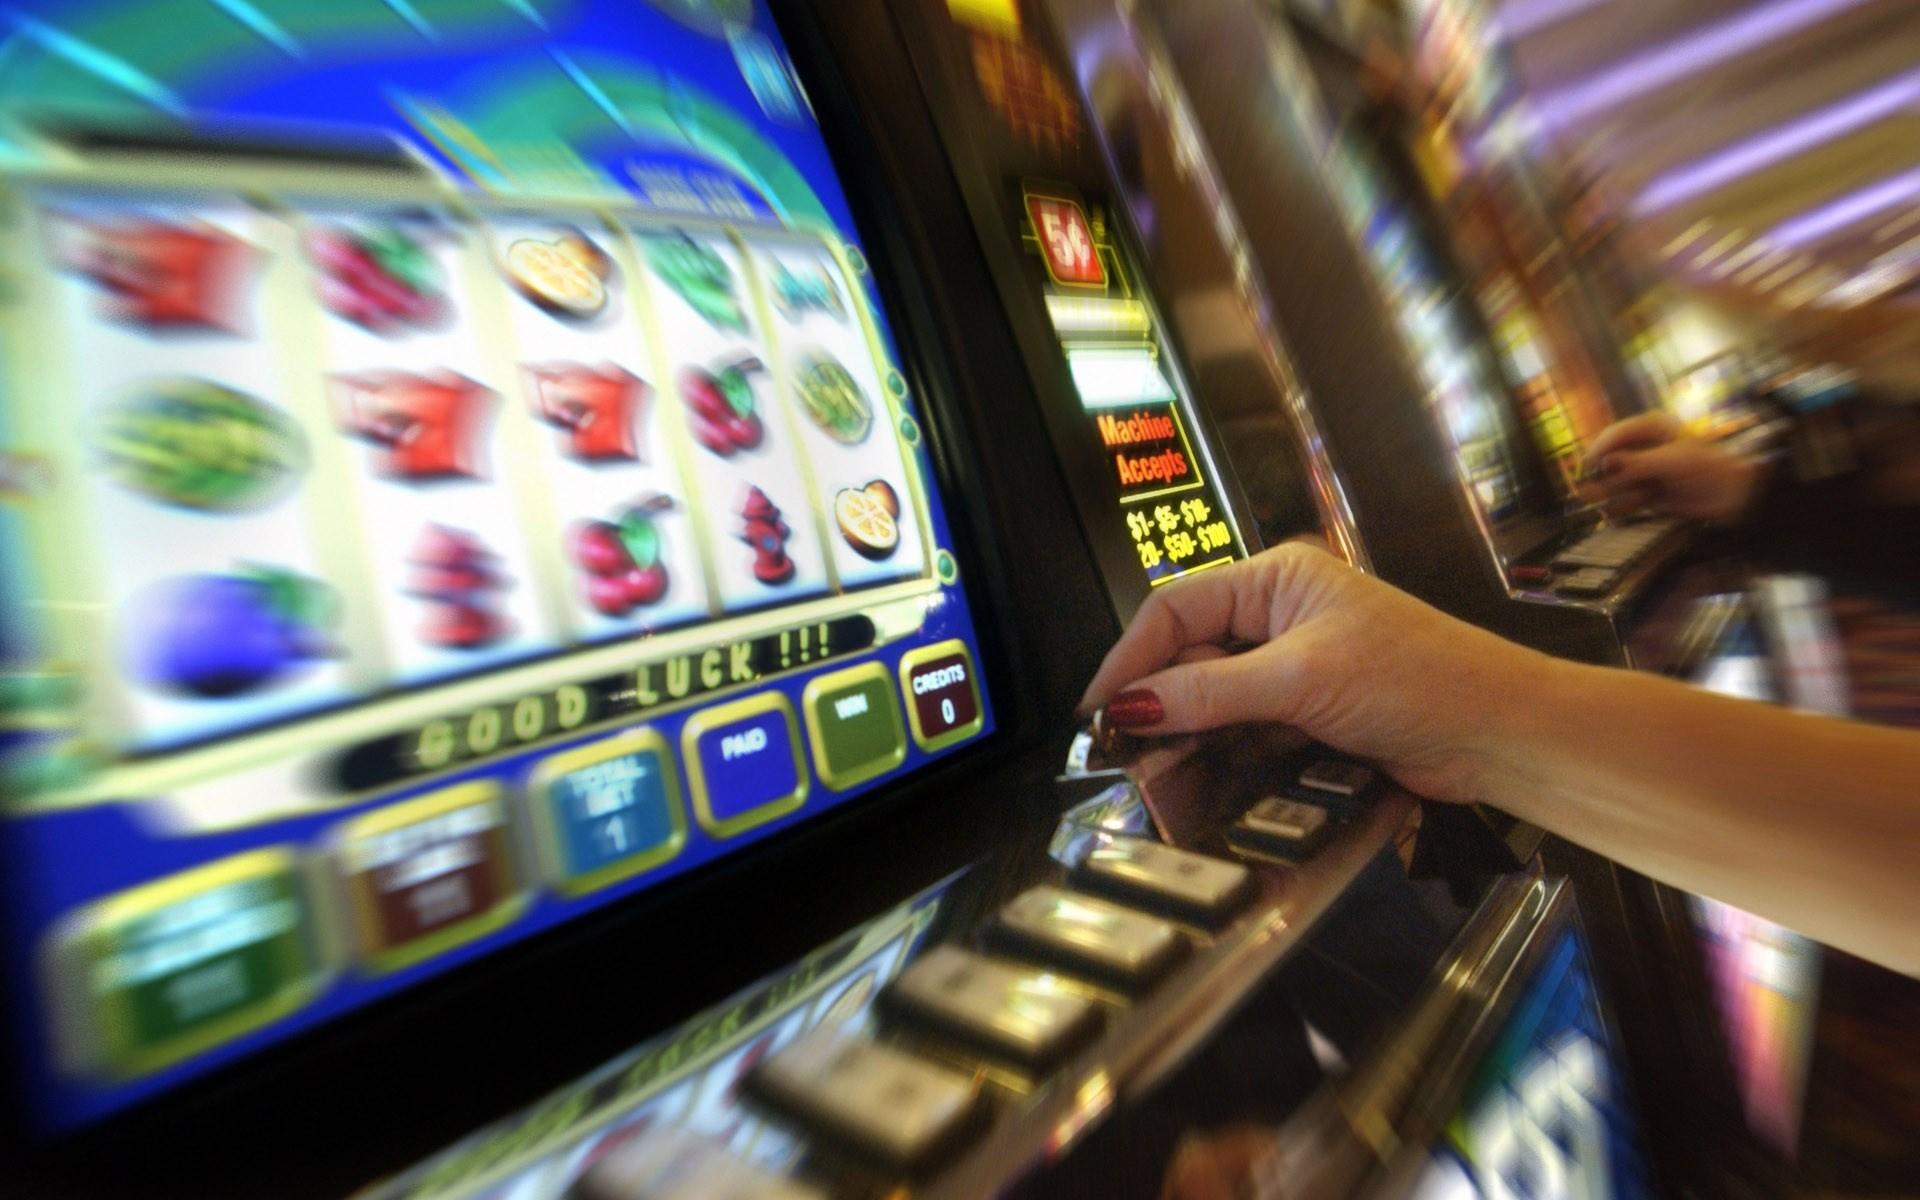 Corso per esercenti ed operatori nei locali con apparecchiature per il gioco d'azzardo lecito